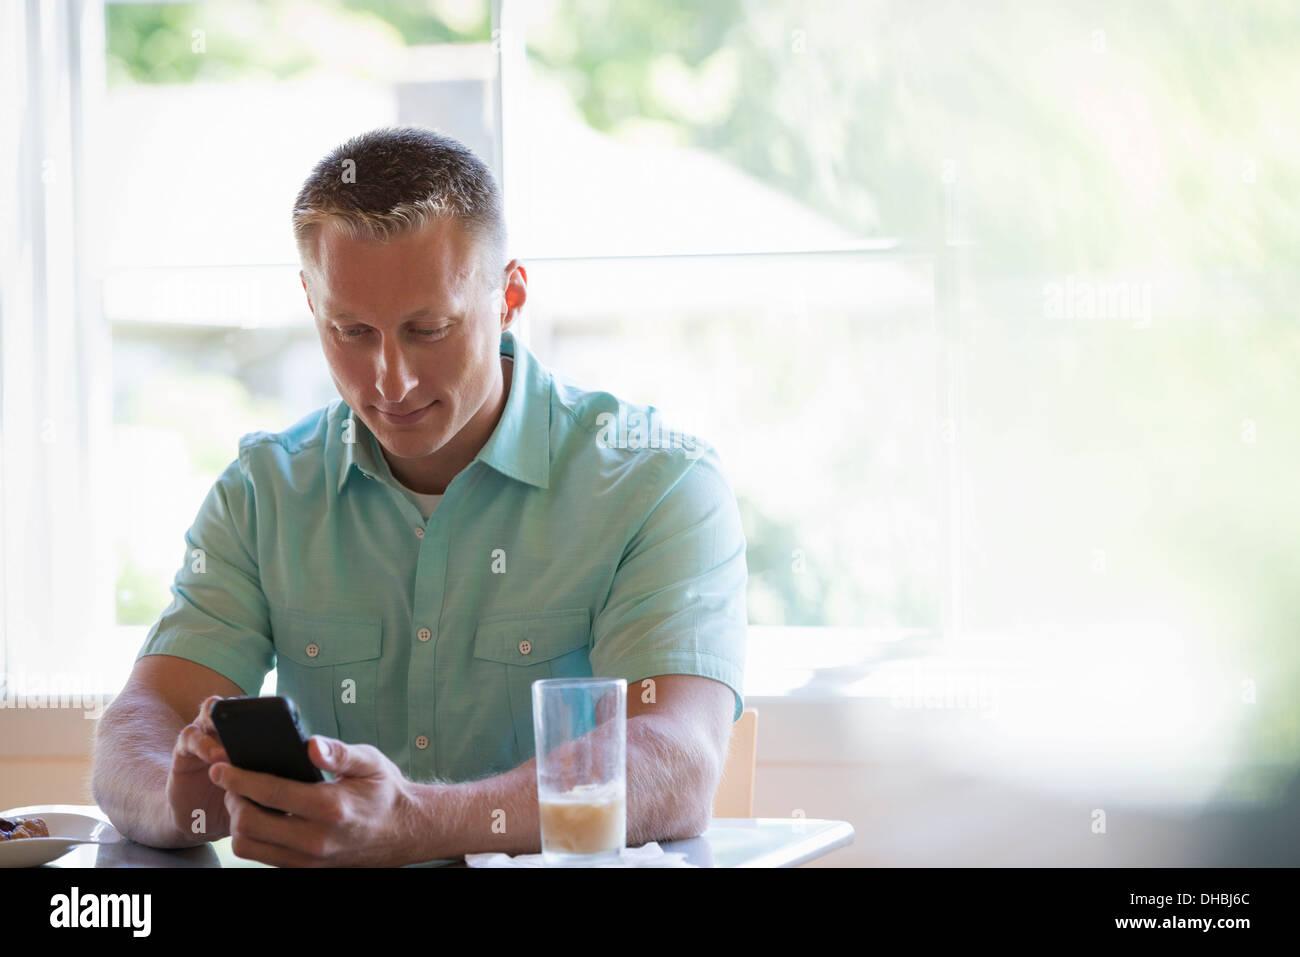 Un uomo con corti capelli ritagliata seduti ad un tavolo del bar, utilizzando un telefono intelligente. Immagini Stock